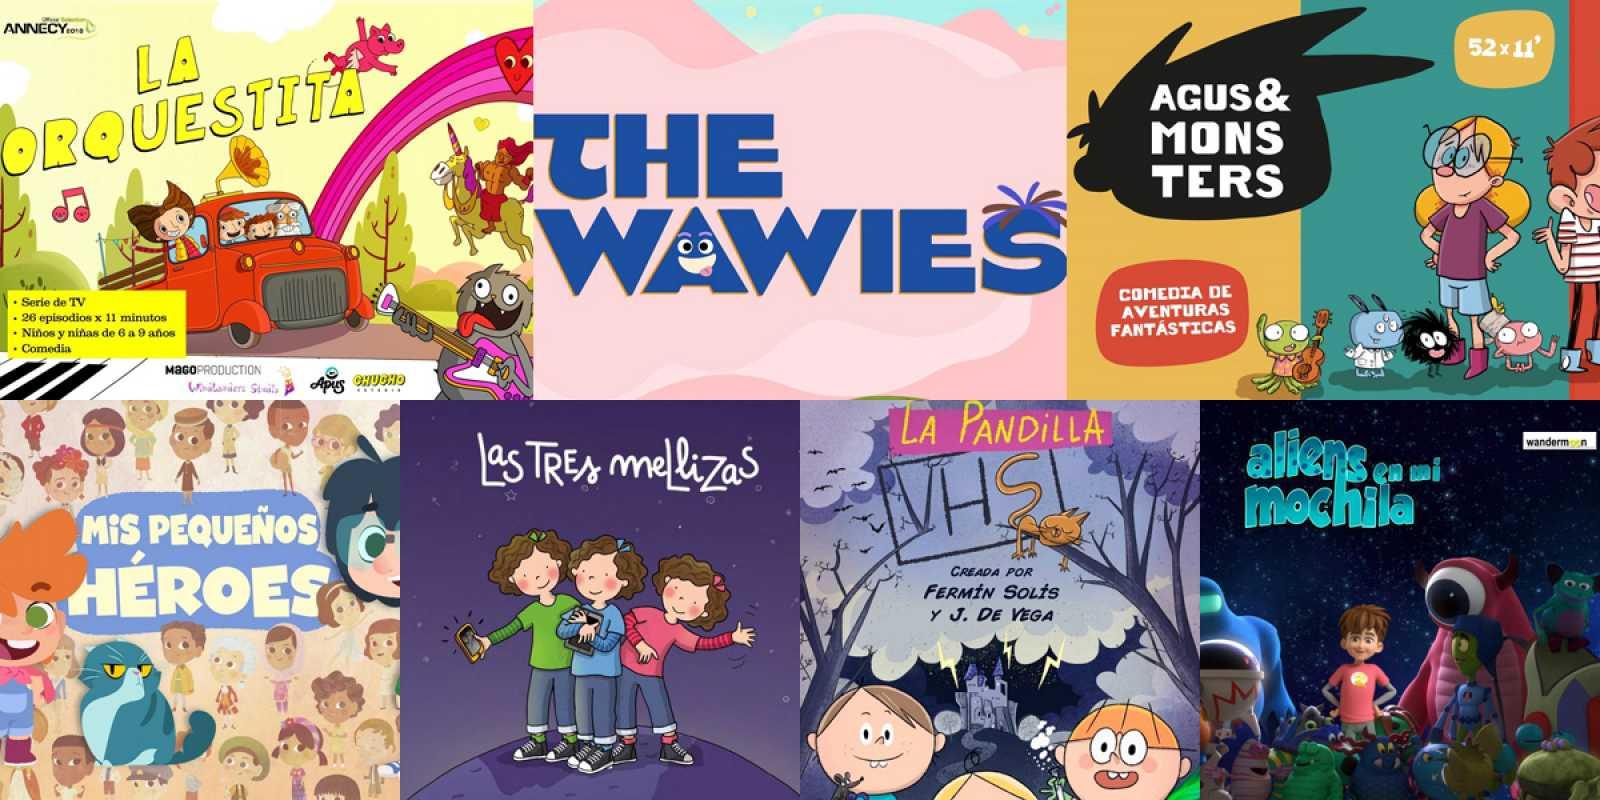 Las siete series de animación seleccionadas por RTVE